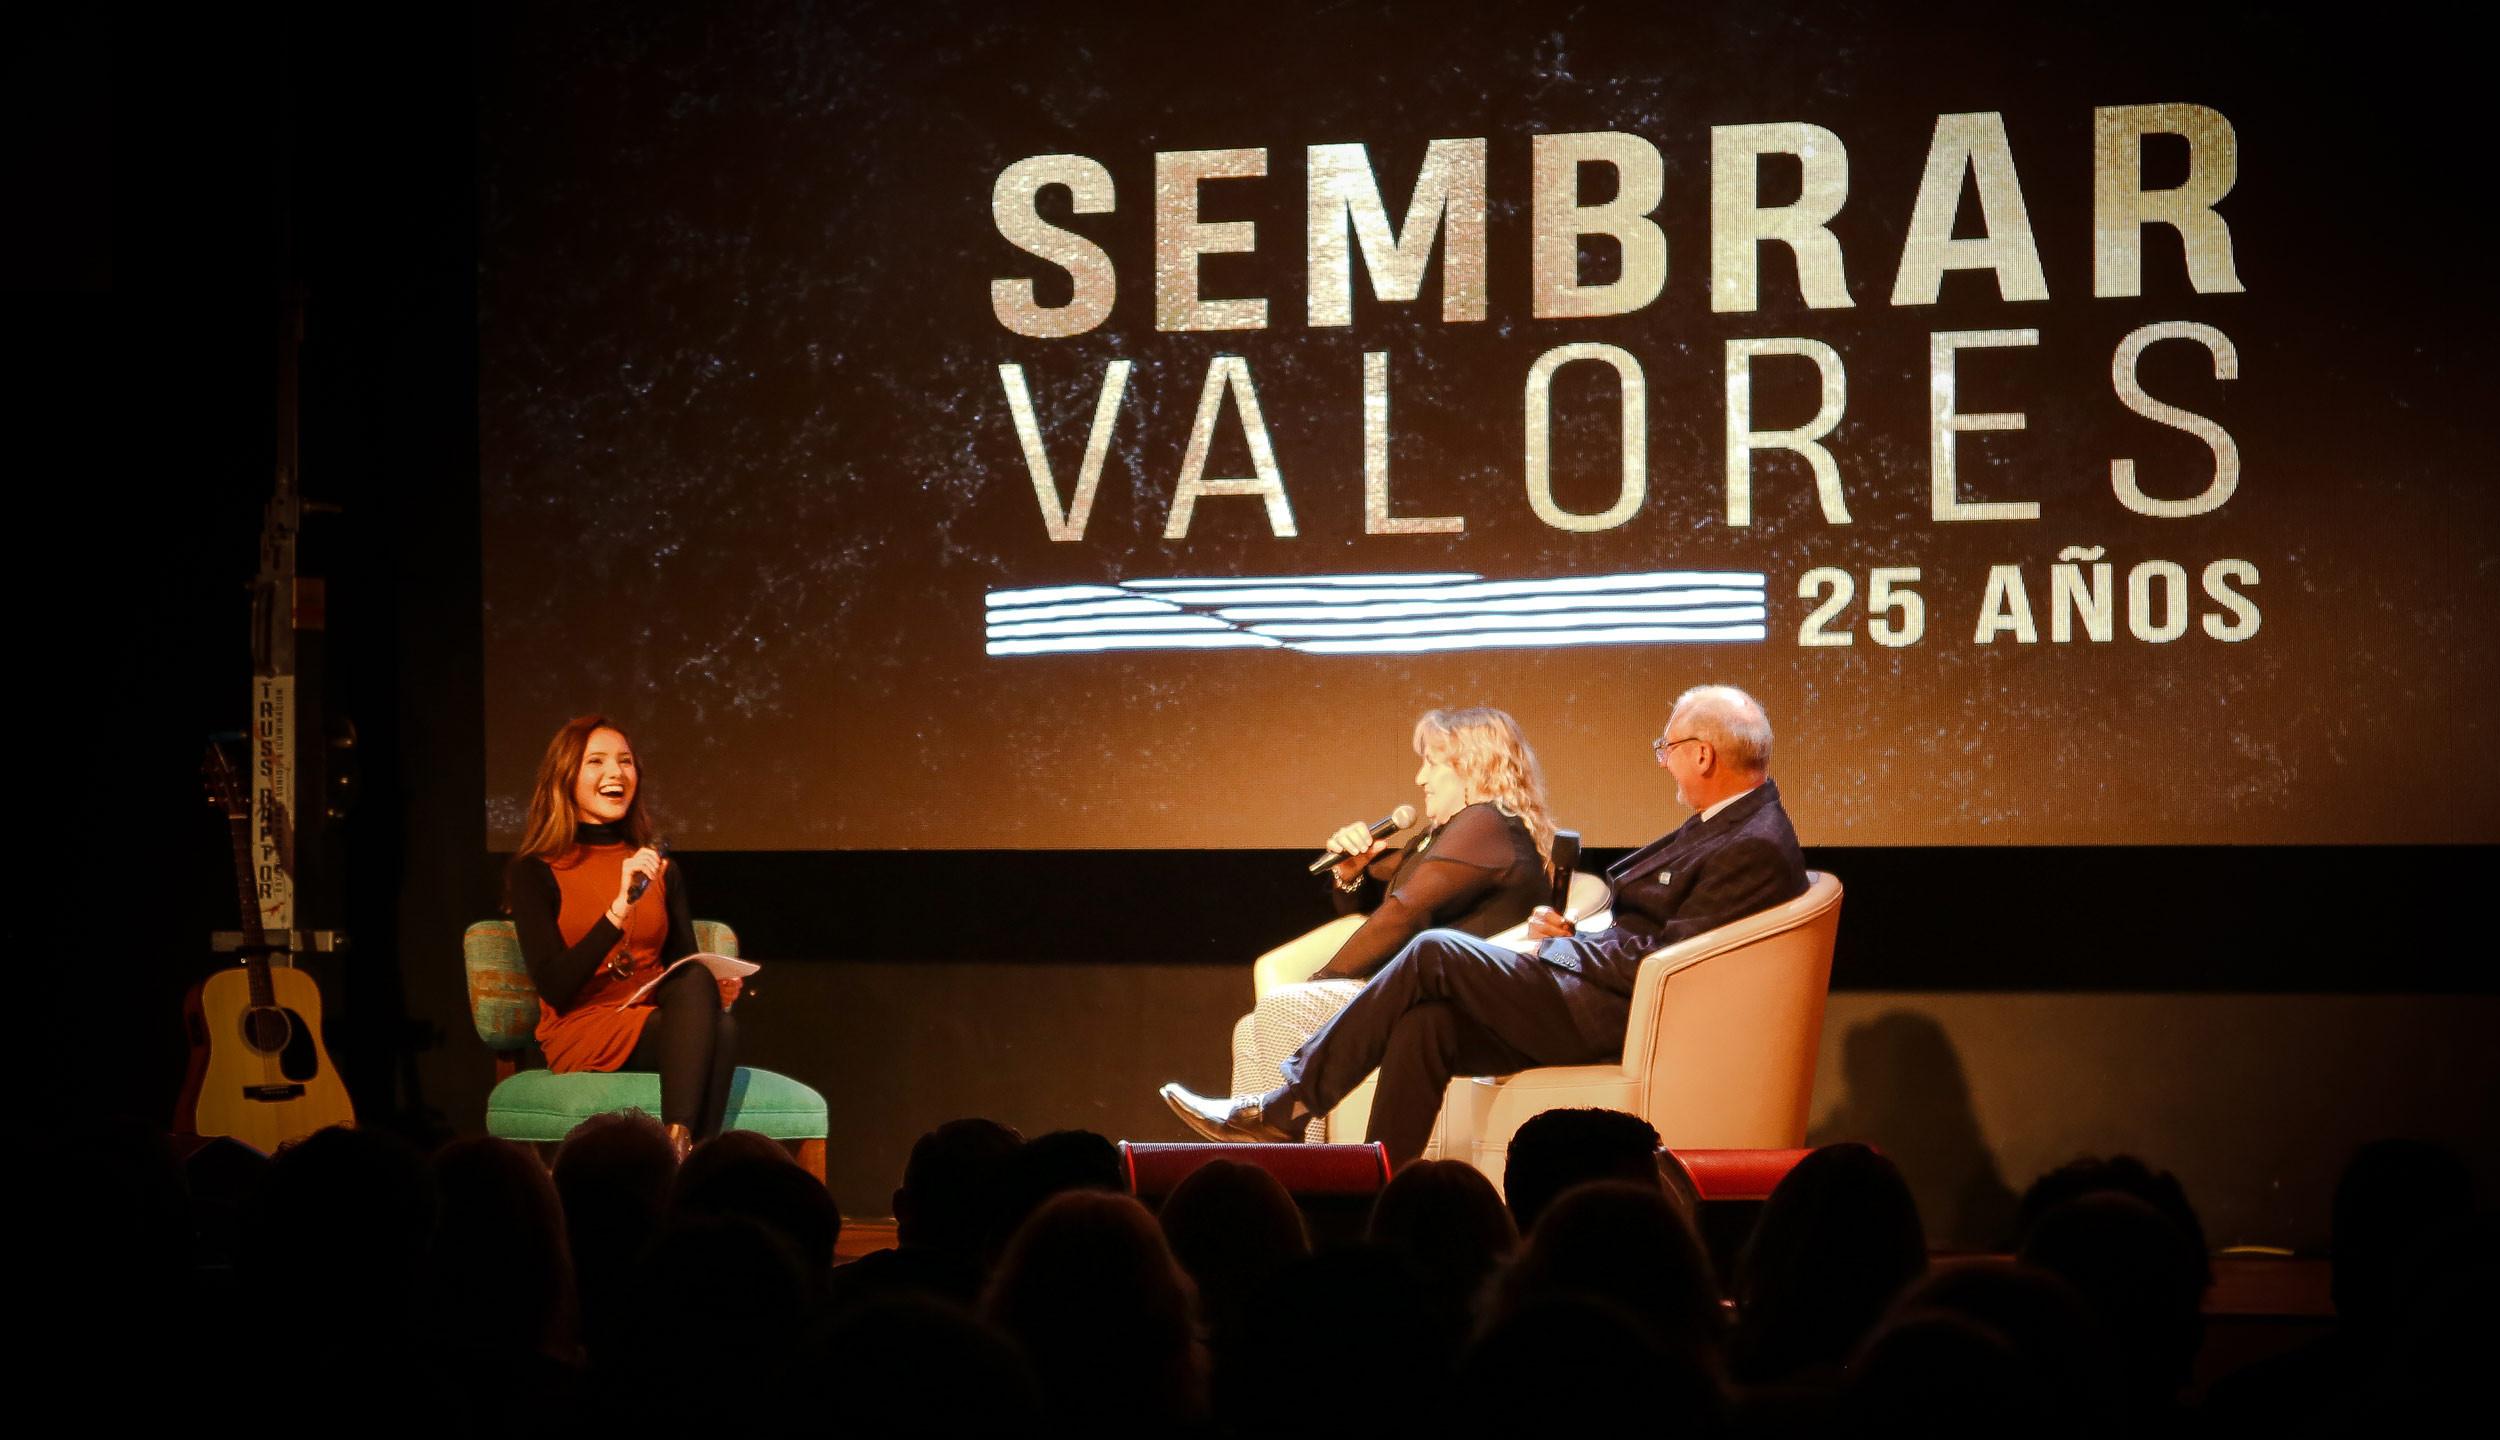 25 años Sembrar Valores en TV